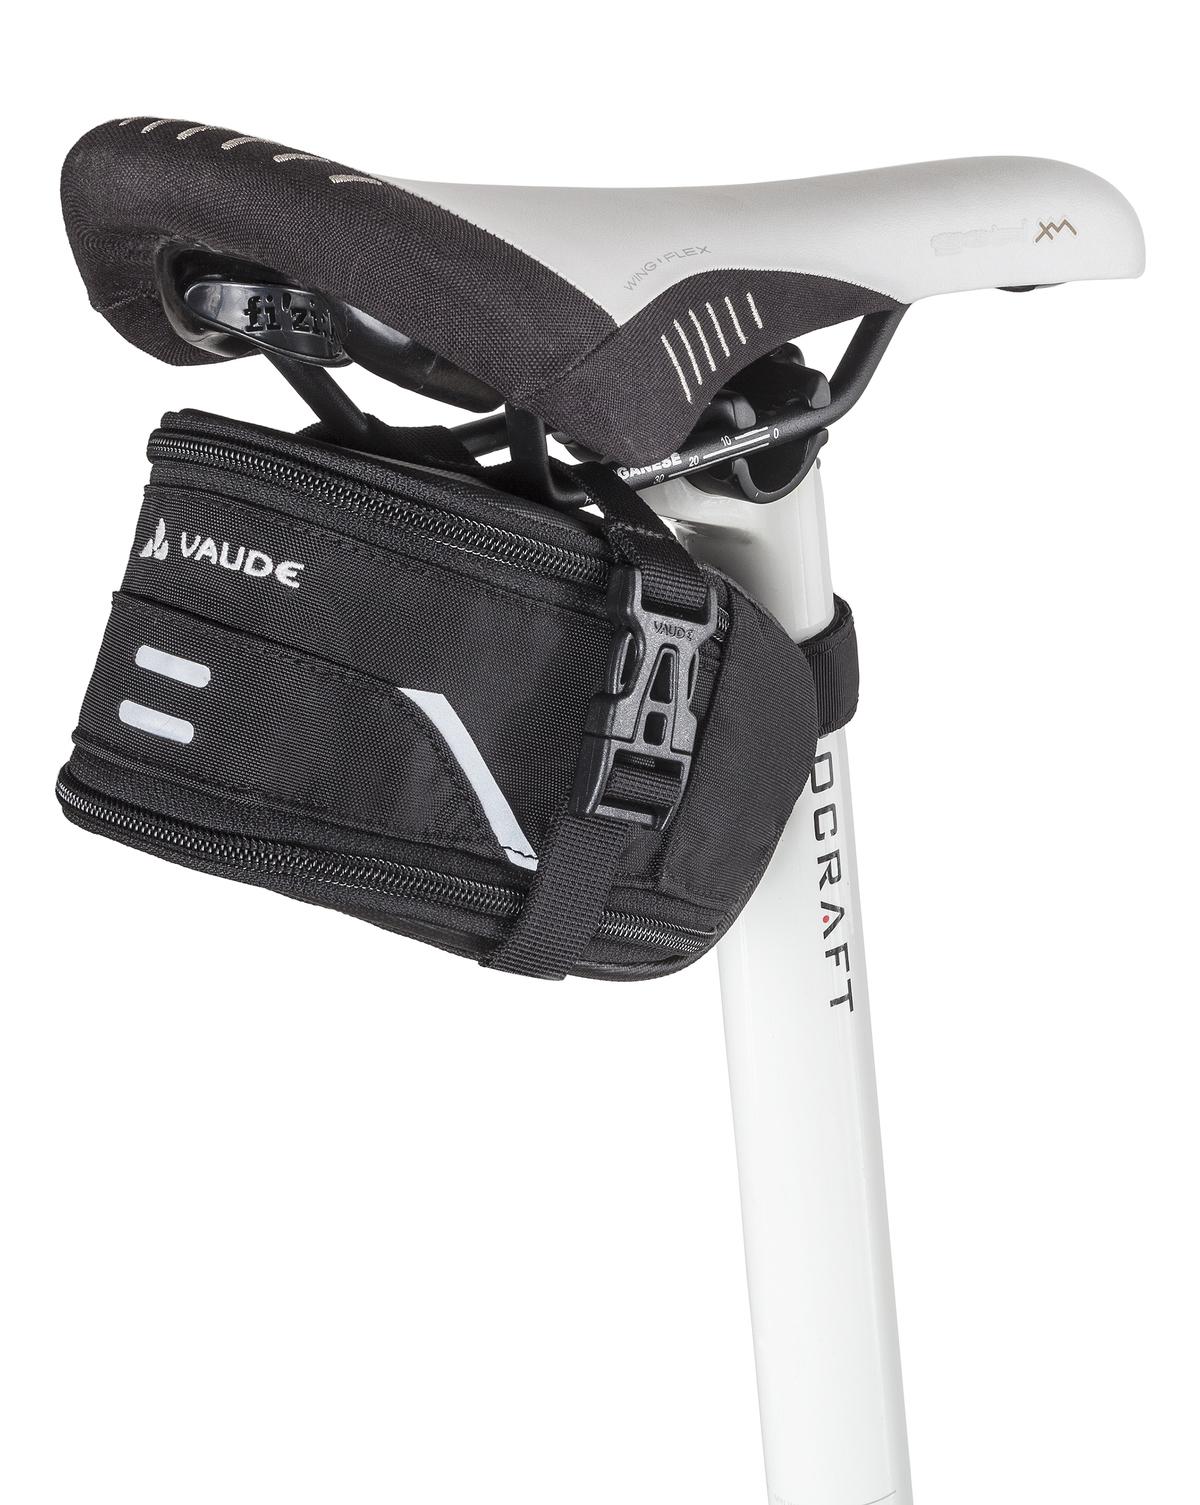 VAUDE Tool Stick M black  - Total Normal Bikes - Onlineshop und E-Bike Fahrradgeschäft in St.Ingbert im Saarland